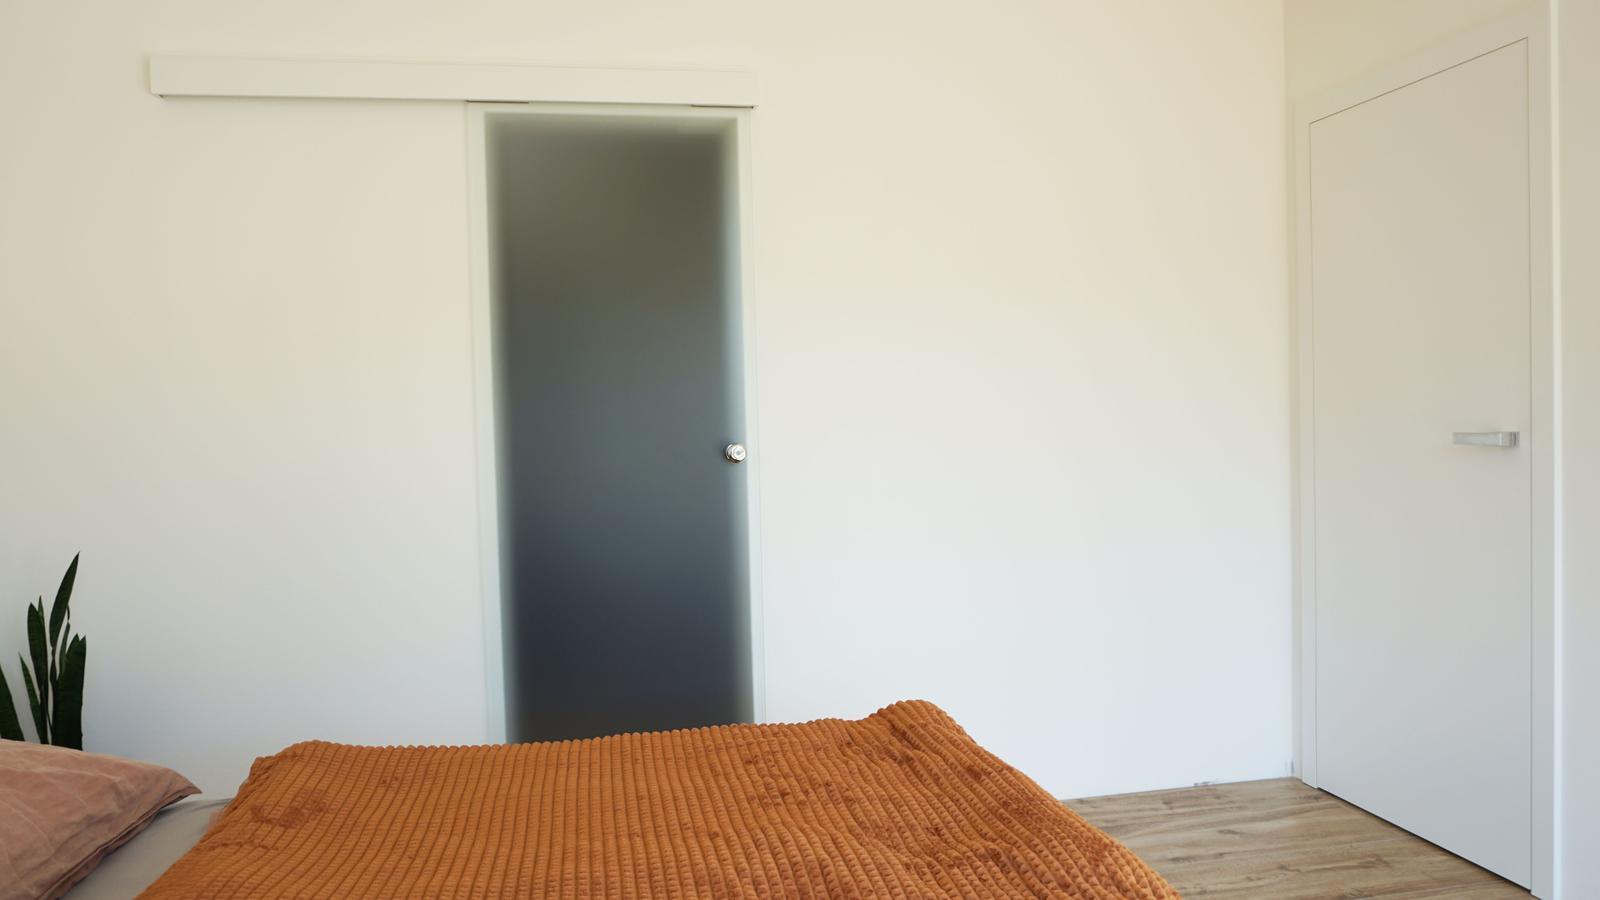 Reverzné a bezpolodrážkové dvere. - Obrázok č. 5